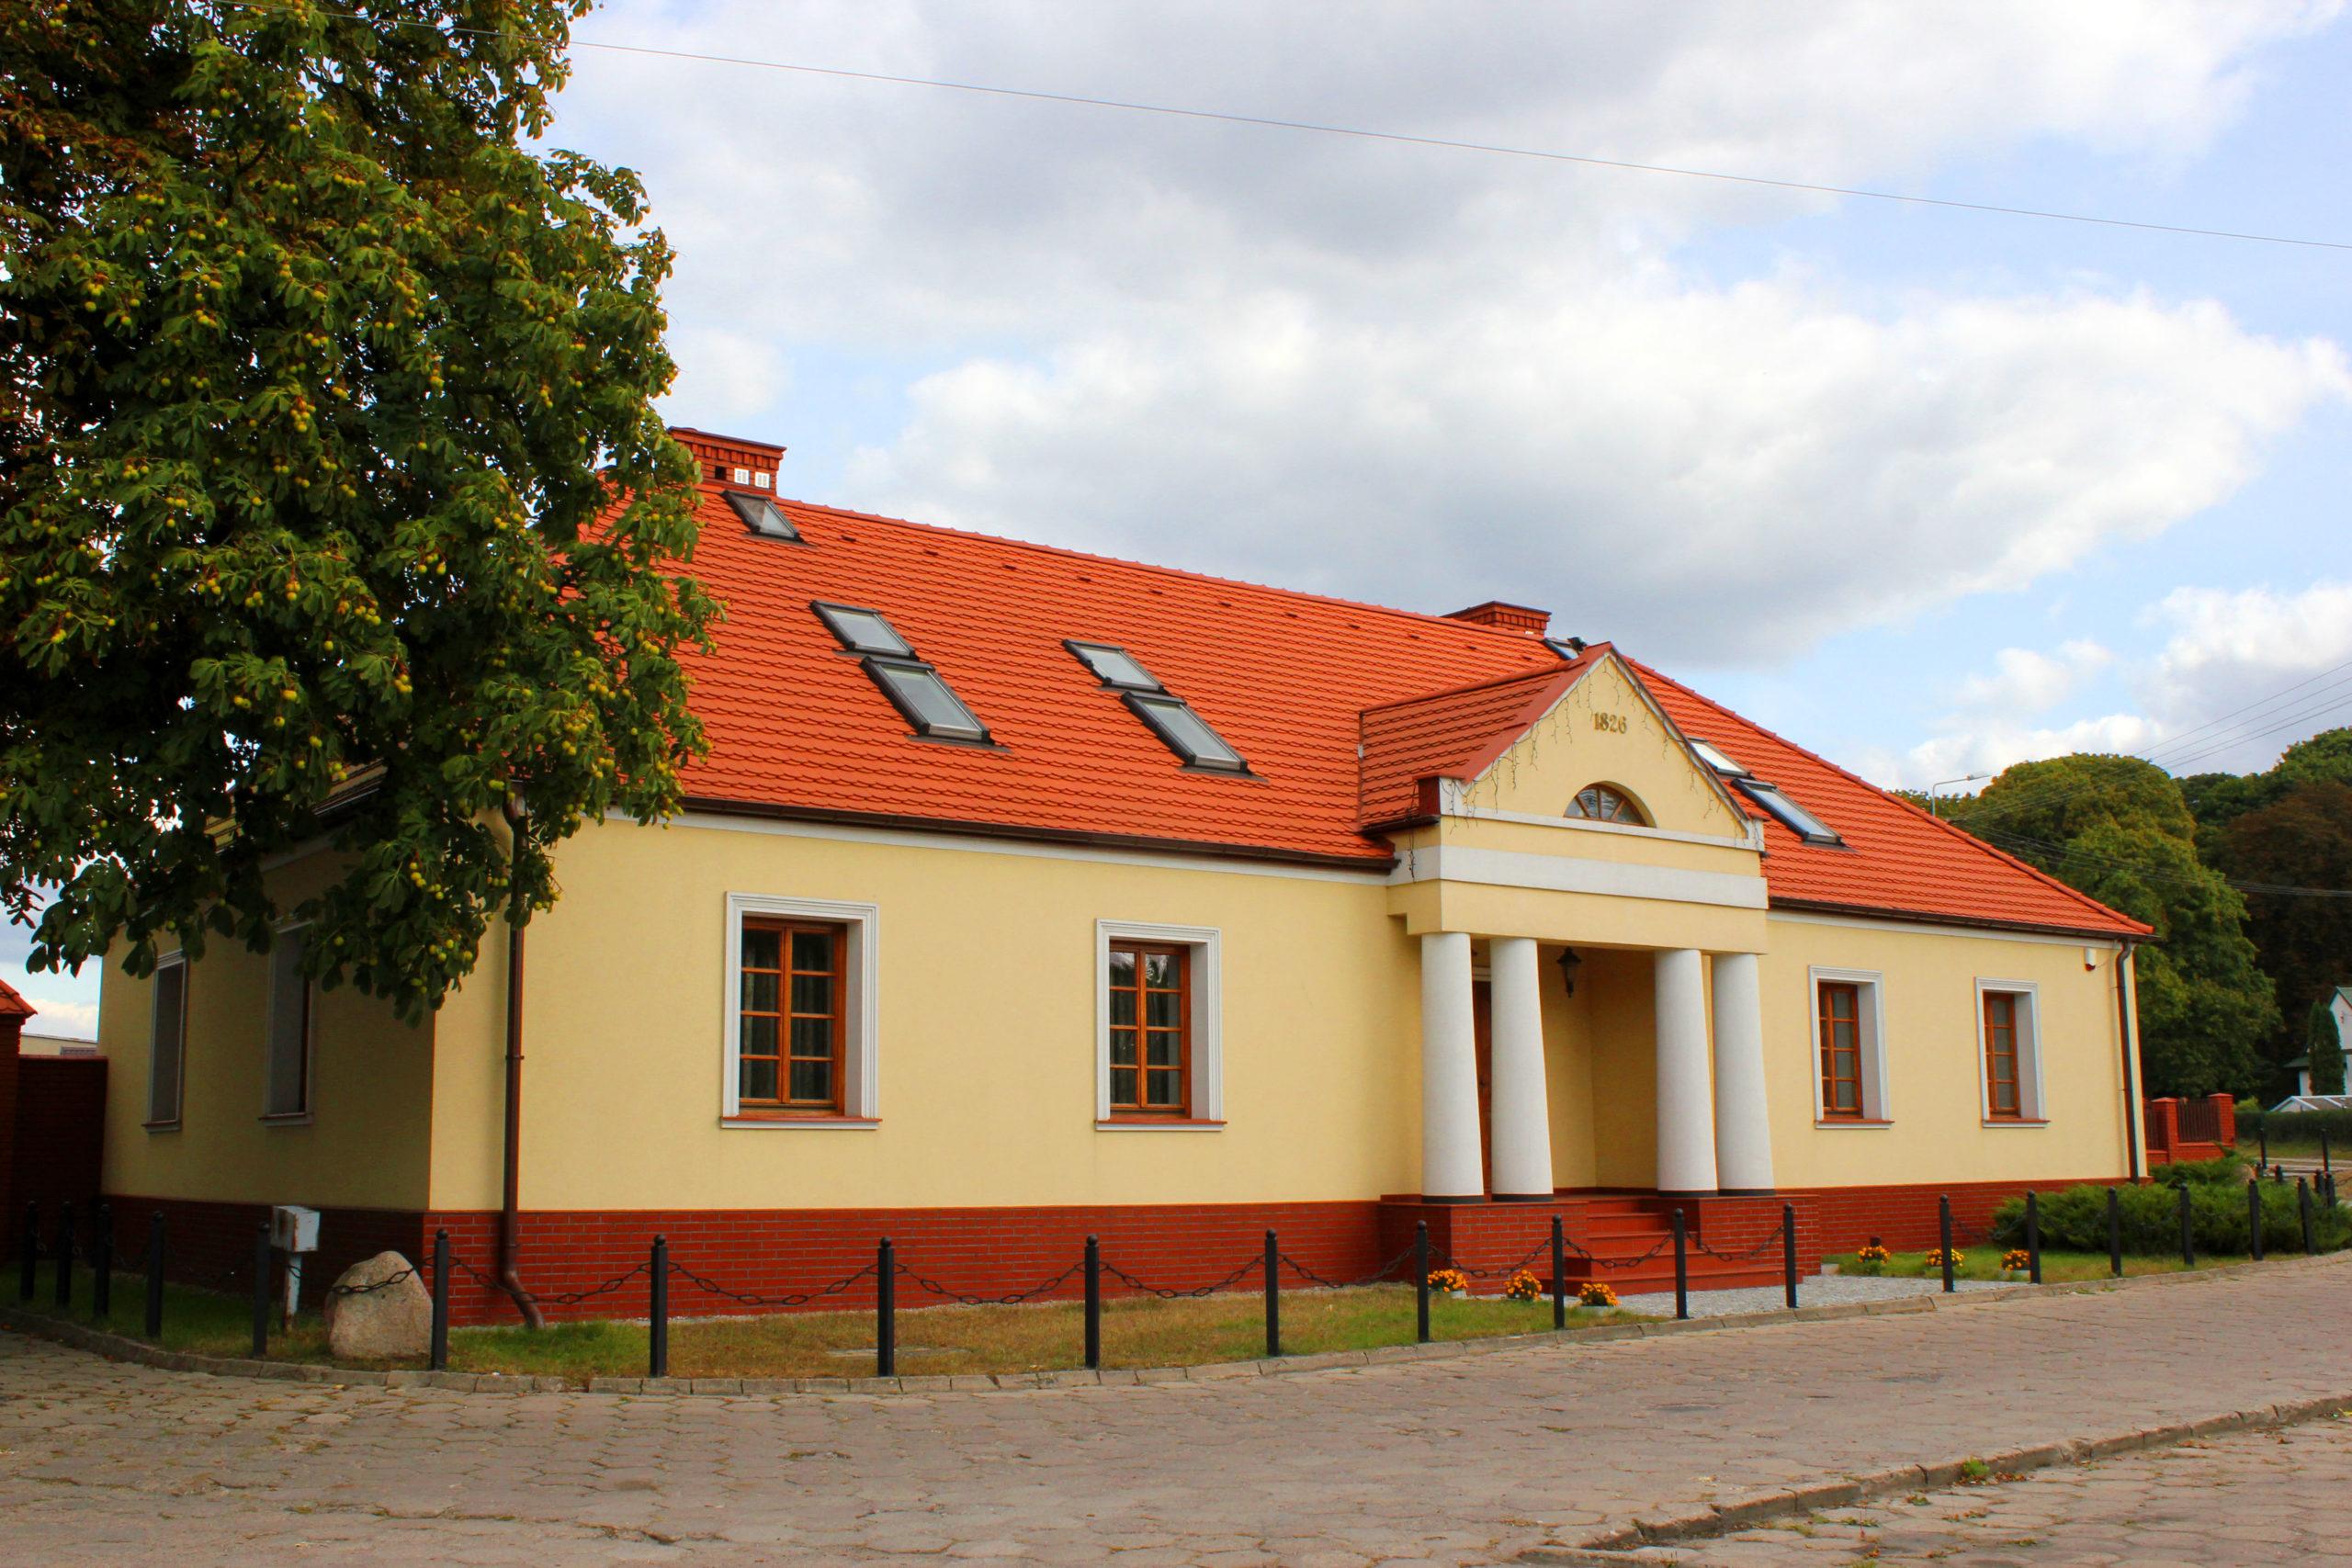 Zajazd_Pod_Kasztanami_w_Skępem1_N._Chylińska _ ul. Klasztorna 38 pocz. XIX; oficyna; stajnia; dom